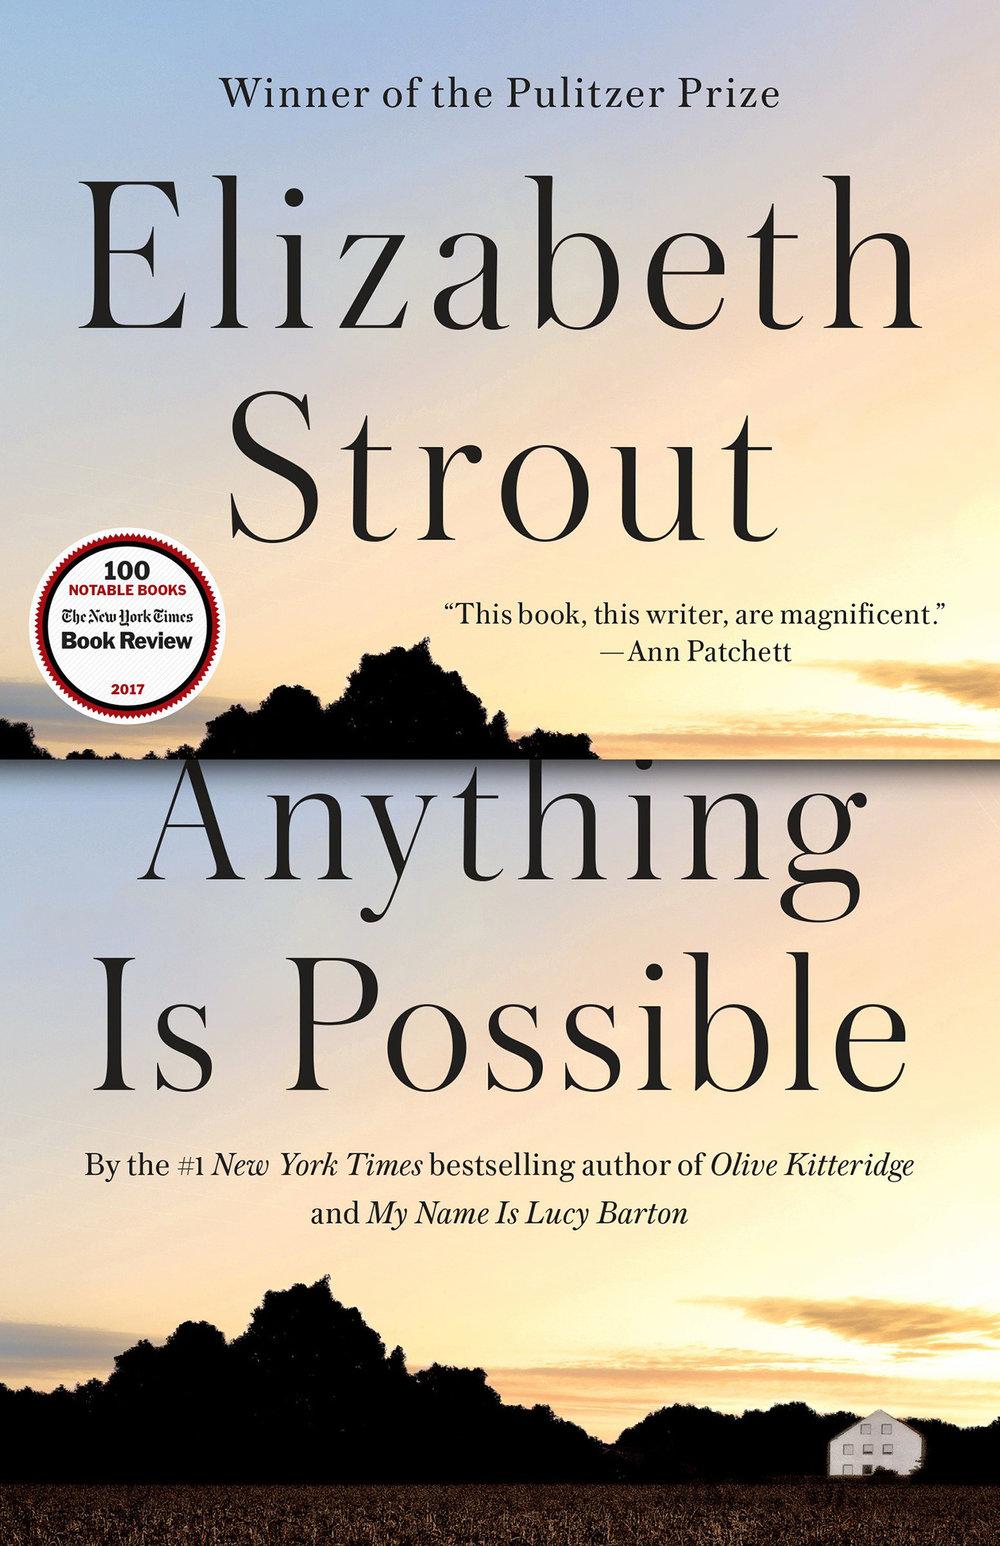 ElizabethStrout-AIP-PB-2000.jpg